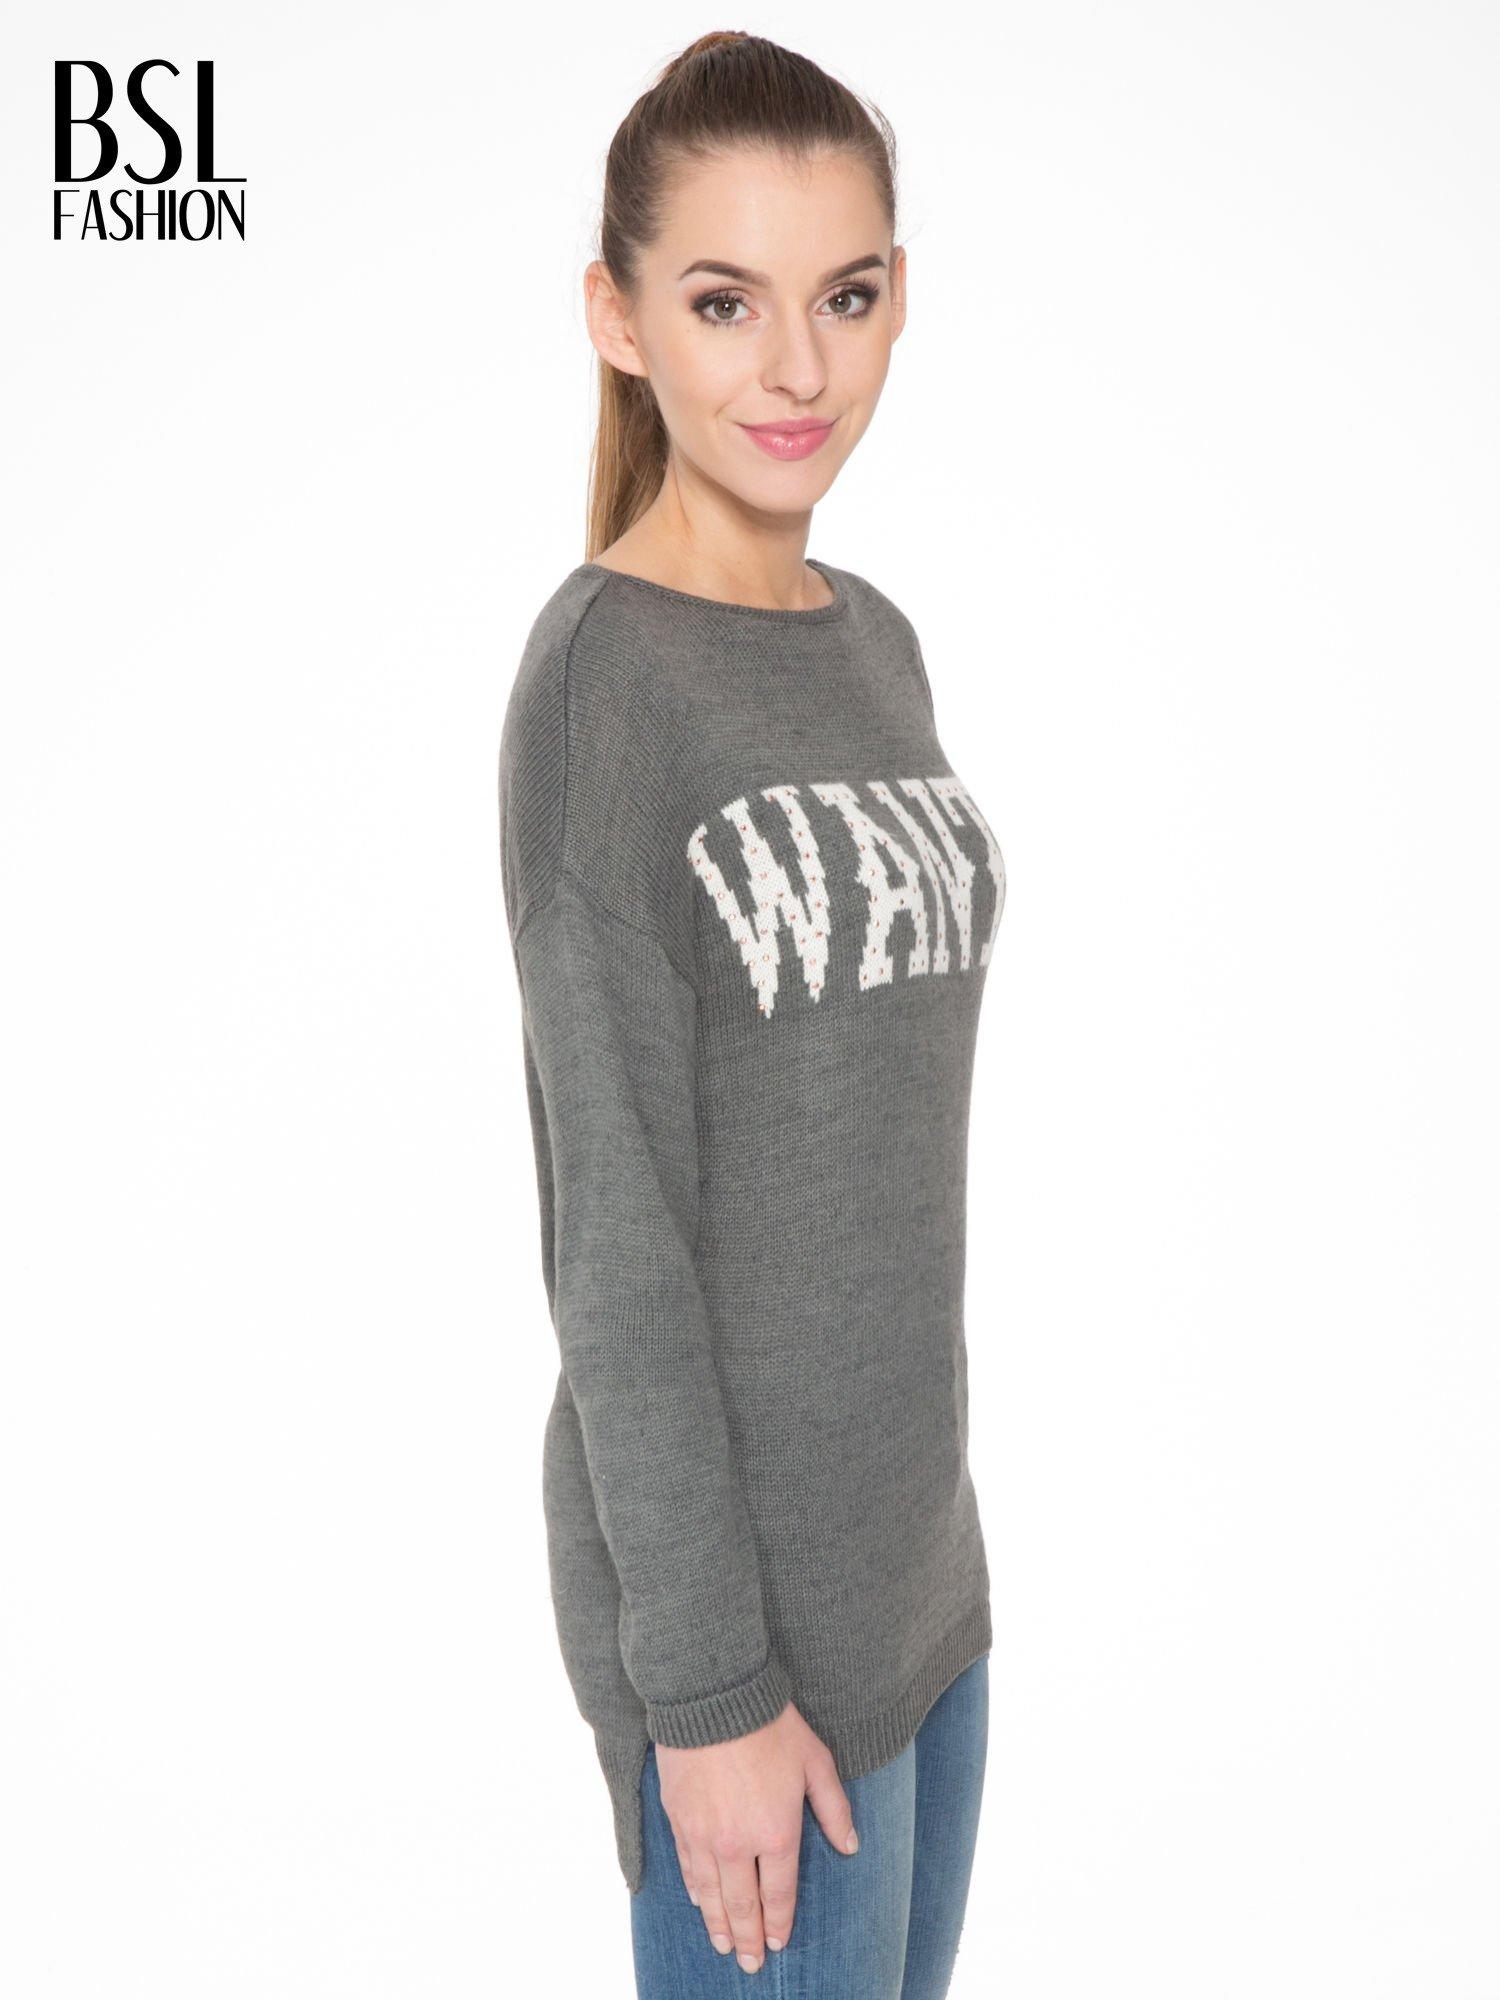 Szary sweter z nadrukiem WANTED i dżetami                                  zdj.                                  3